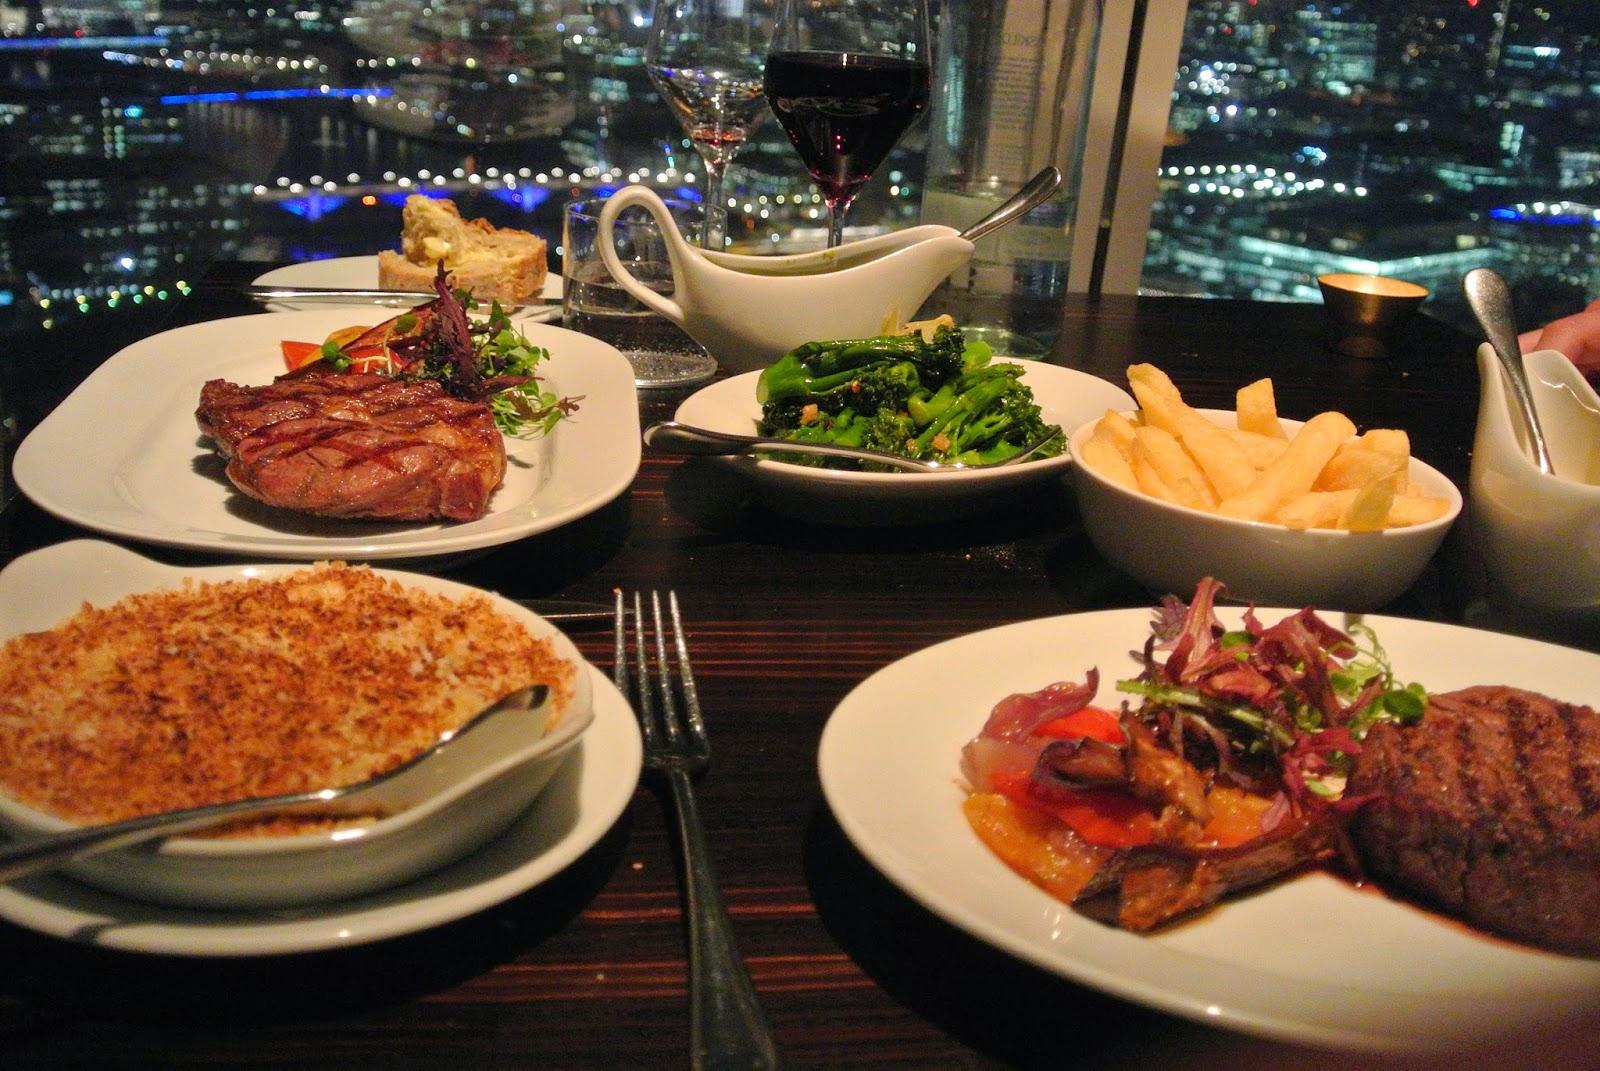 Oblix Restaurant Food